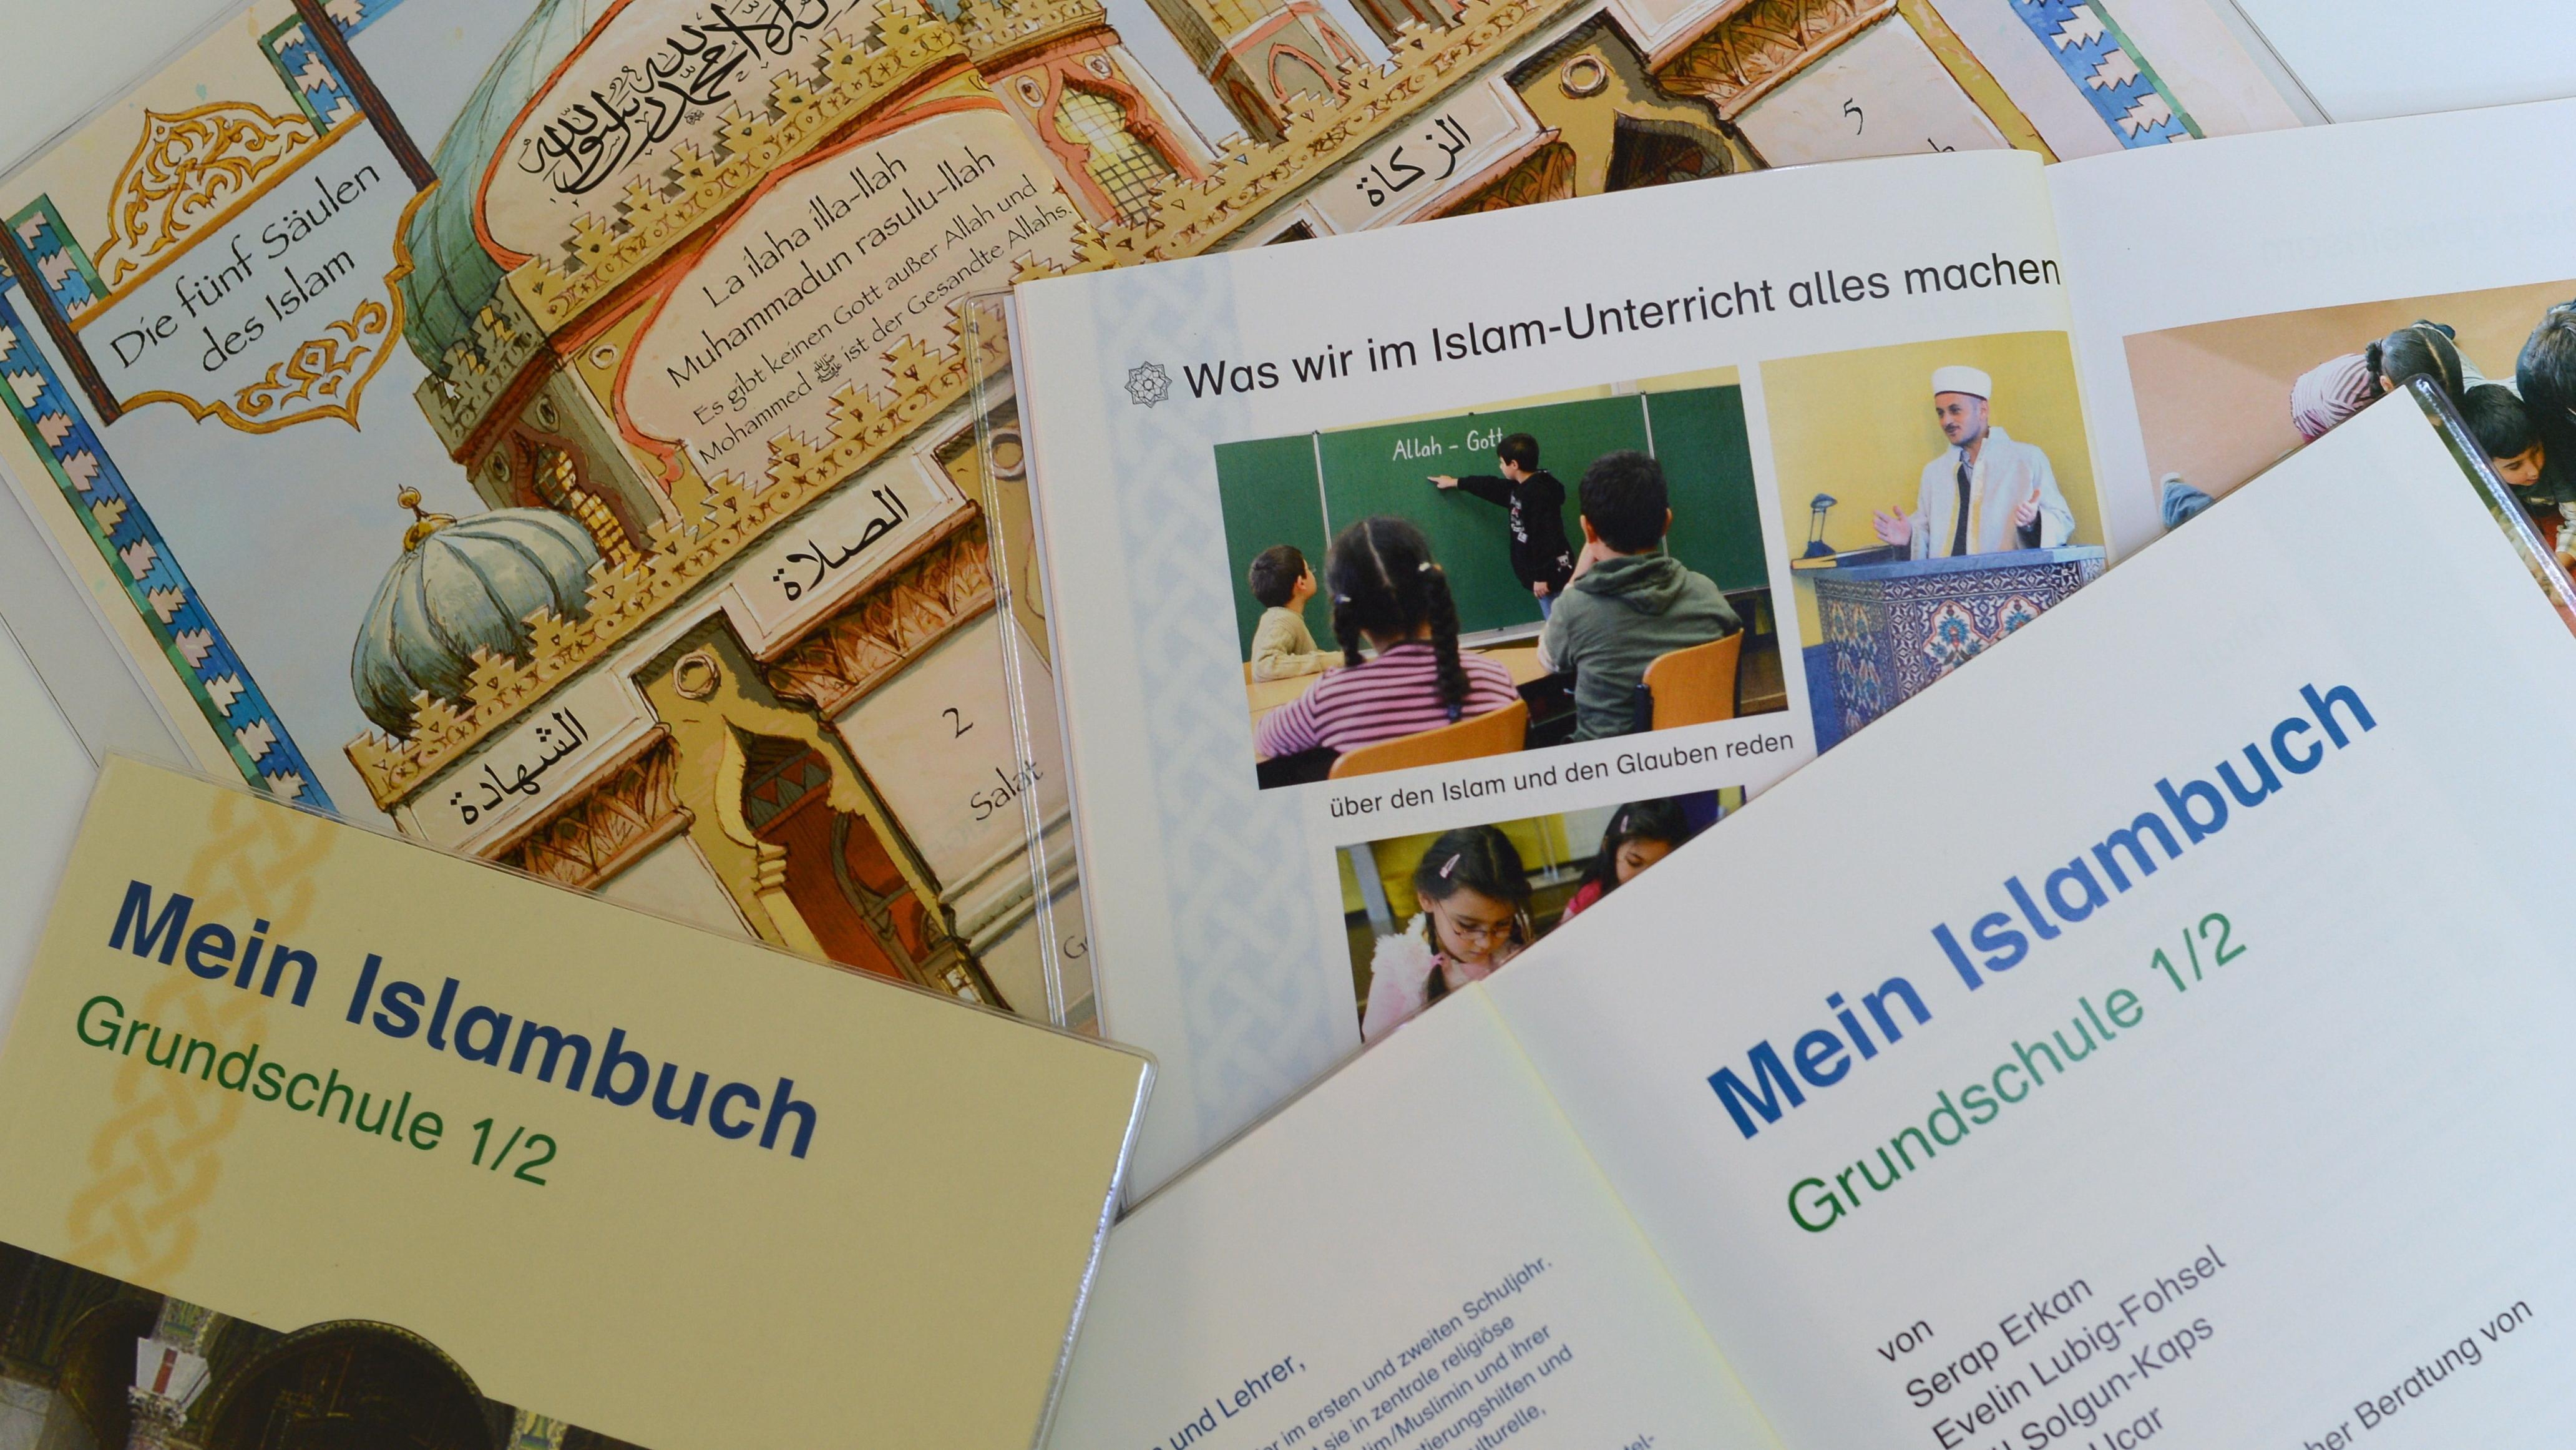 Weiter Islam-Unterricht an bayerischen Schulen